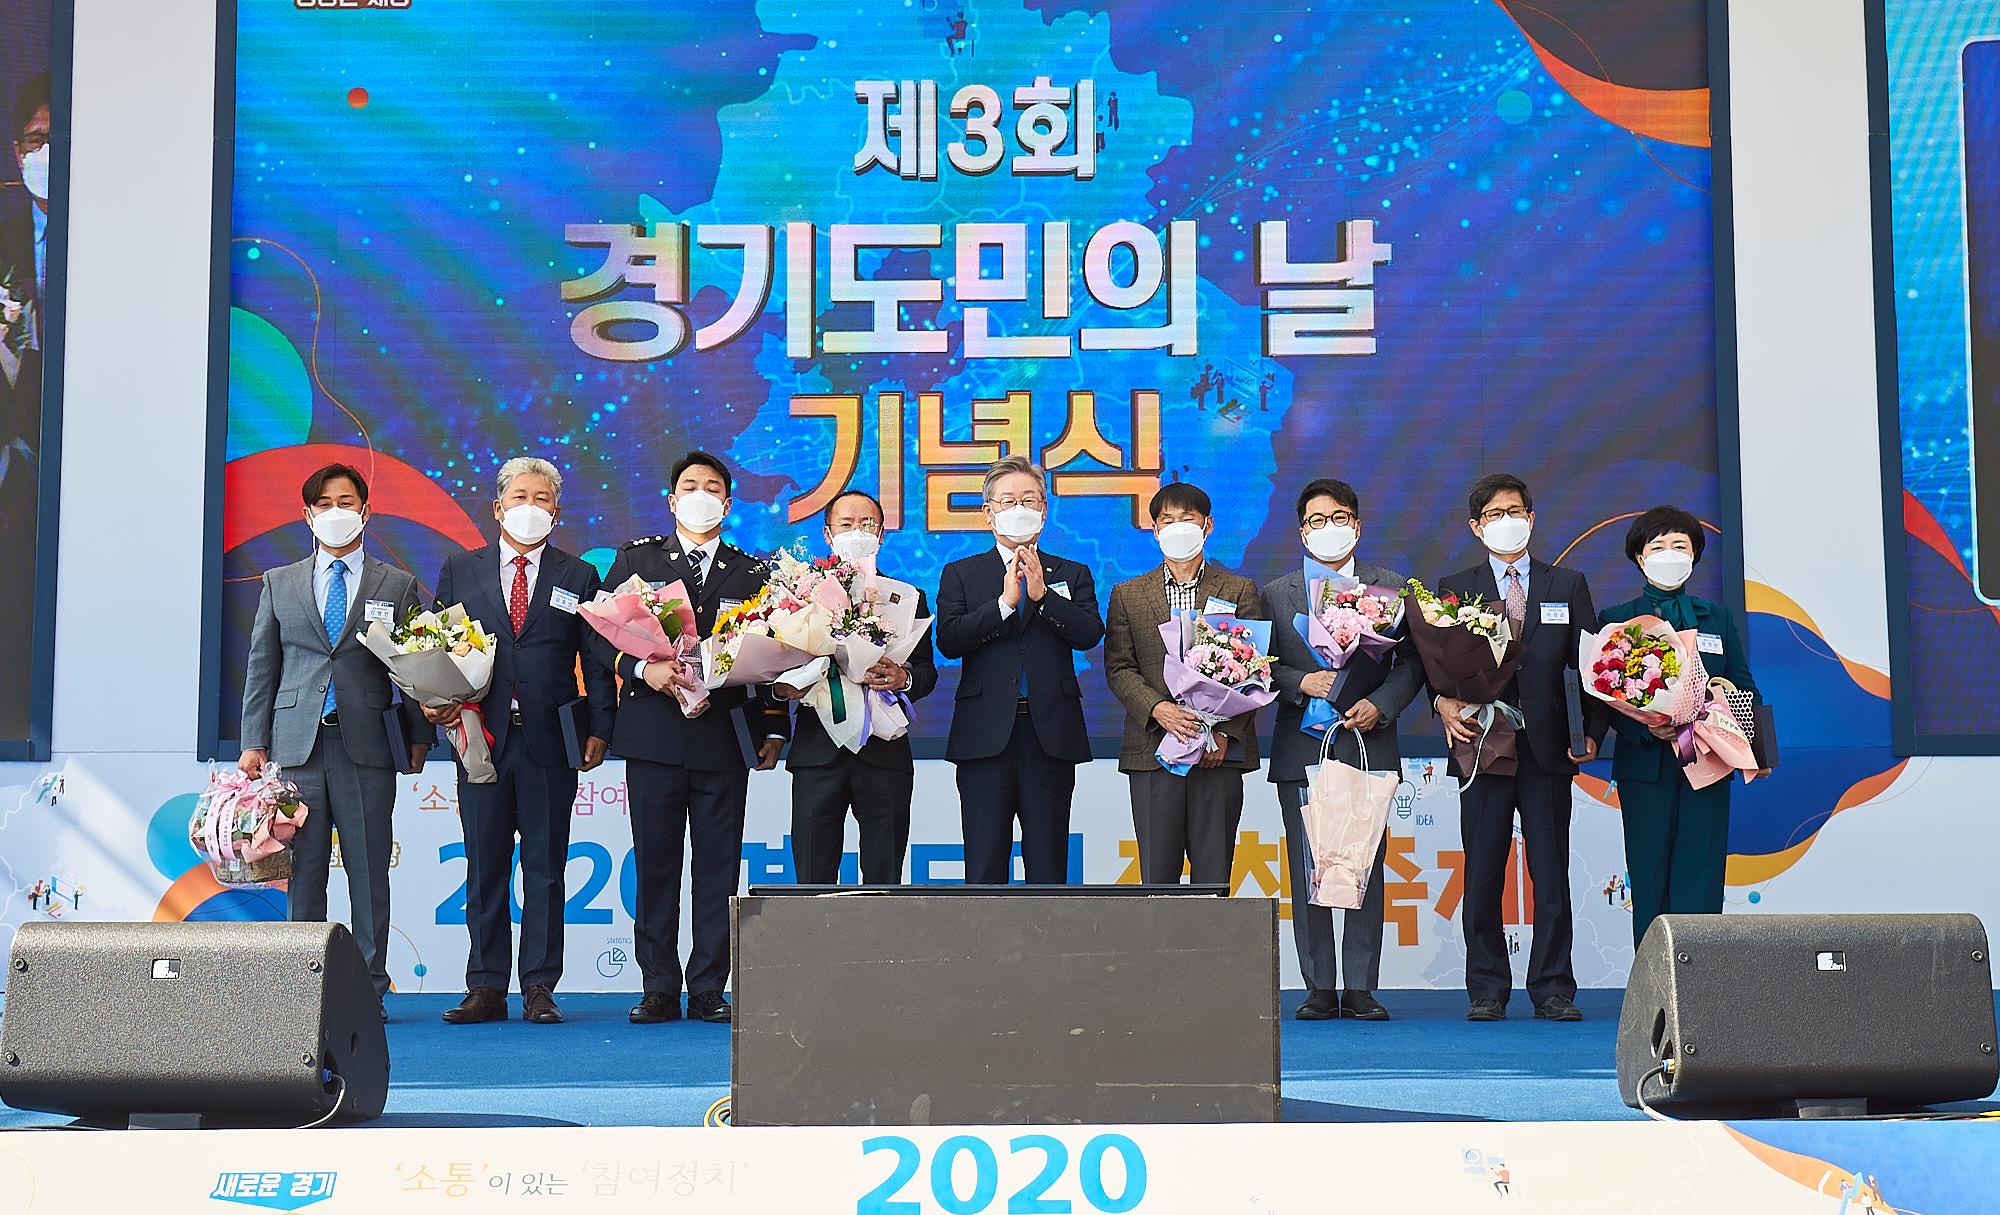 지난 17일 수원시 소재 경기상상캠퍼스에서 '제3회 경기도민의 날' 기념식이 개최됐다.